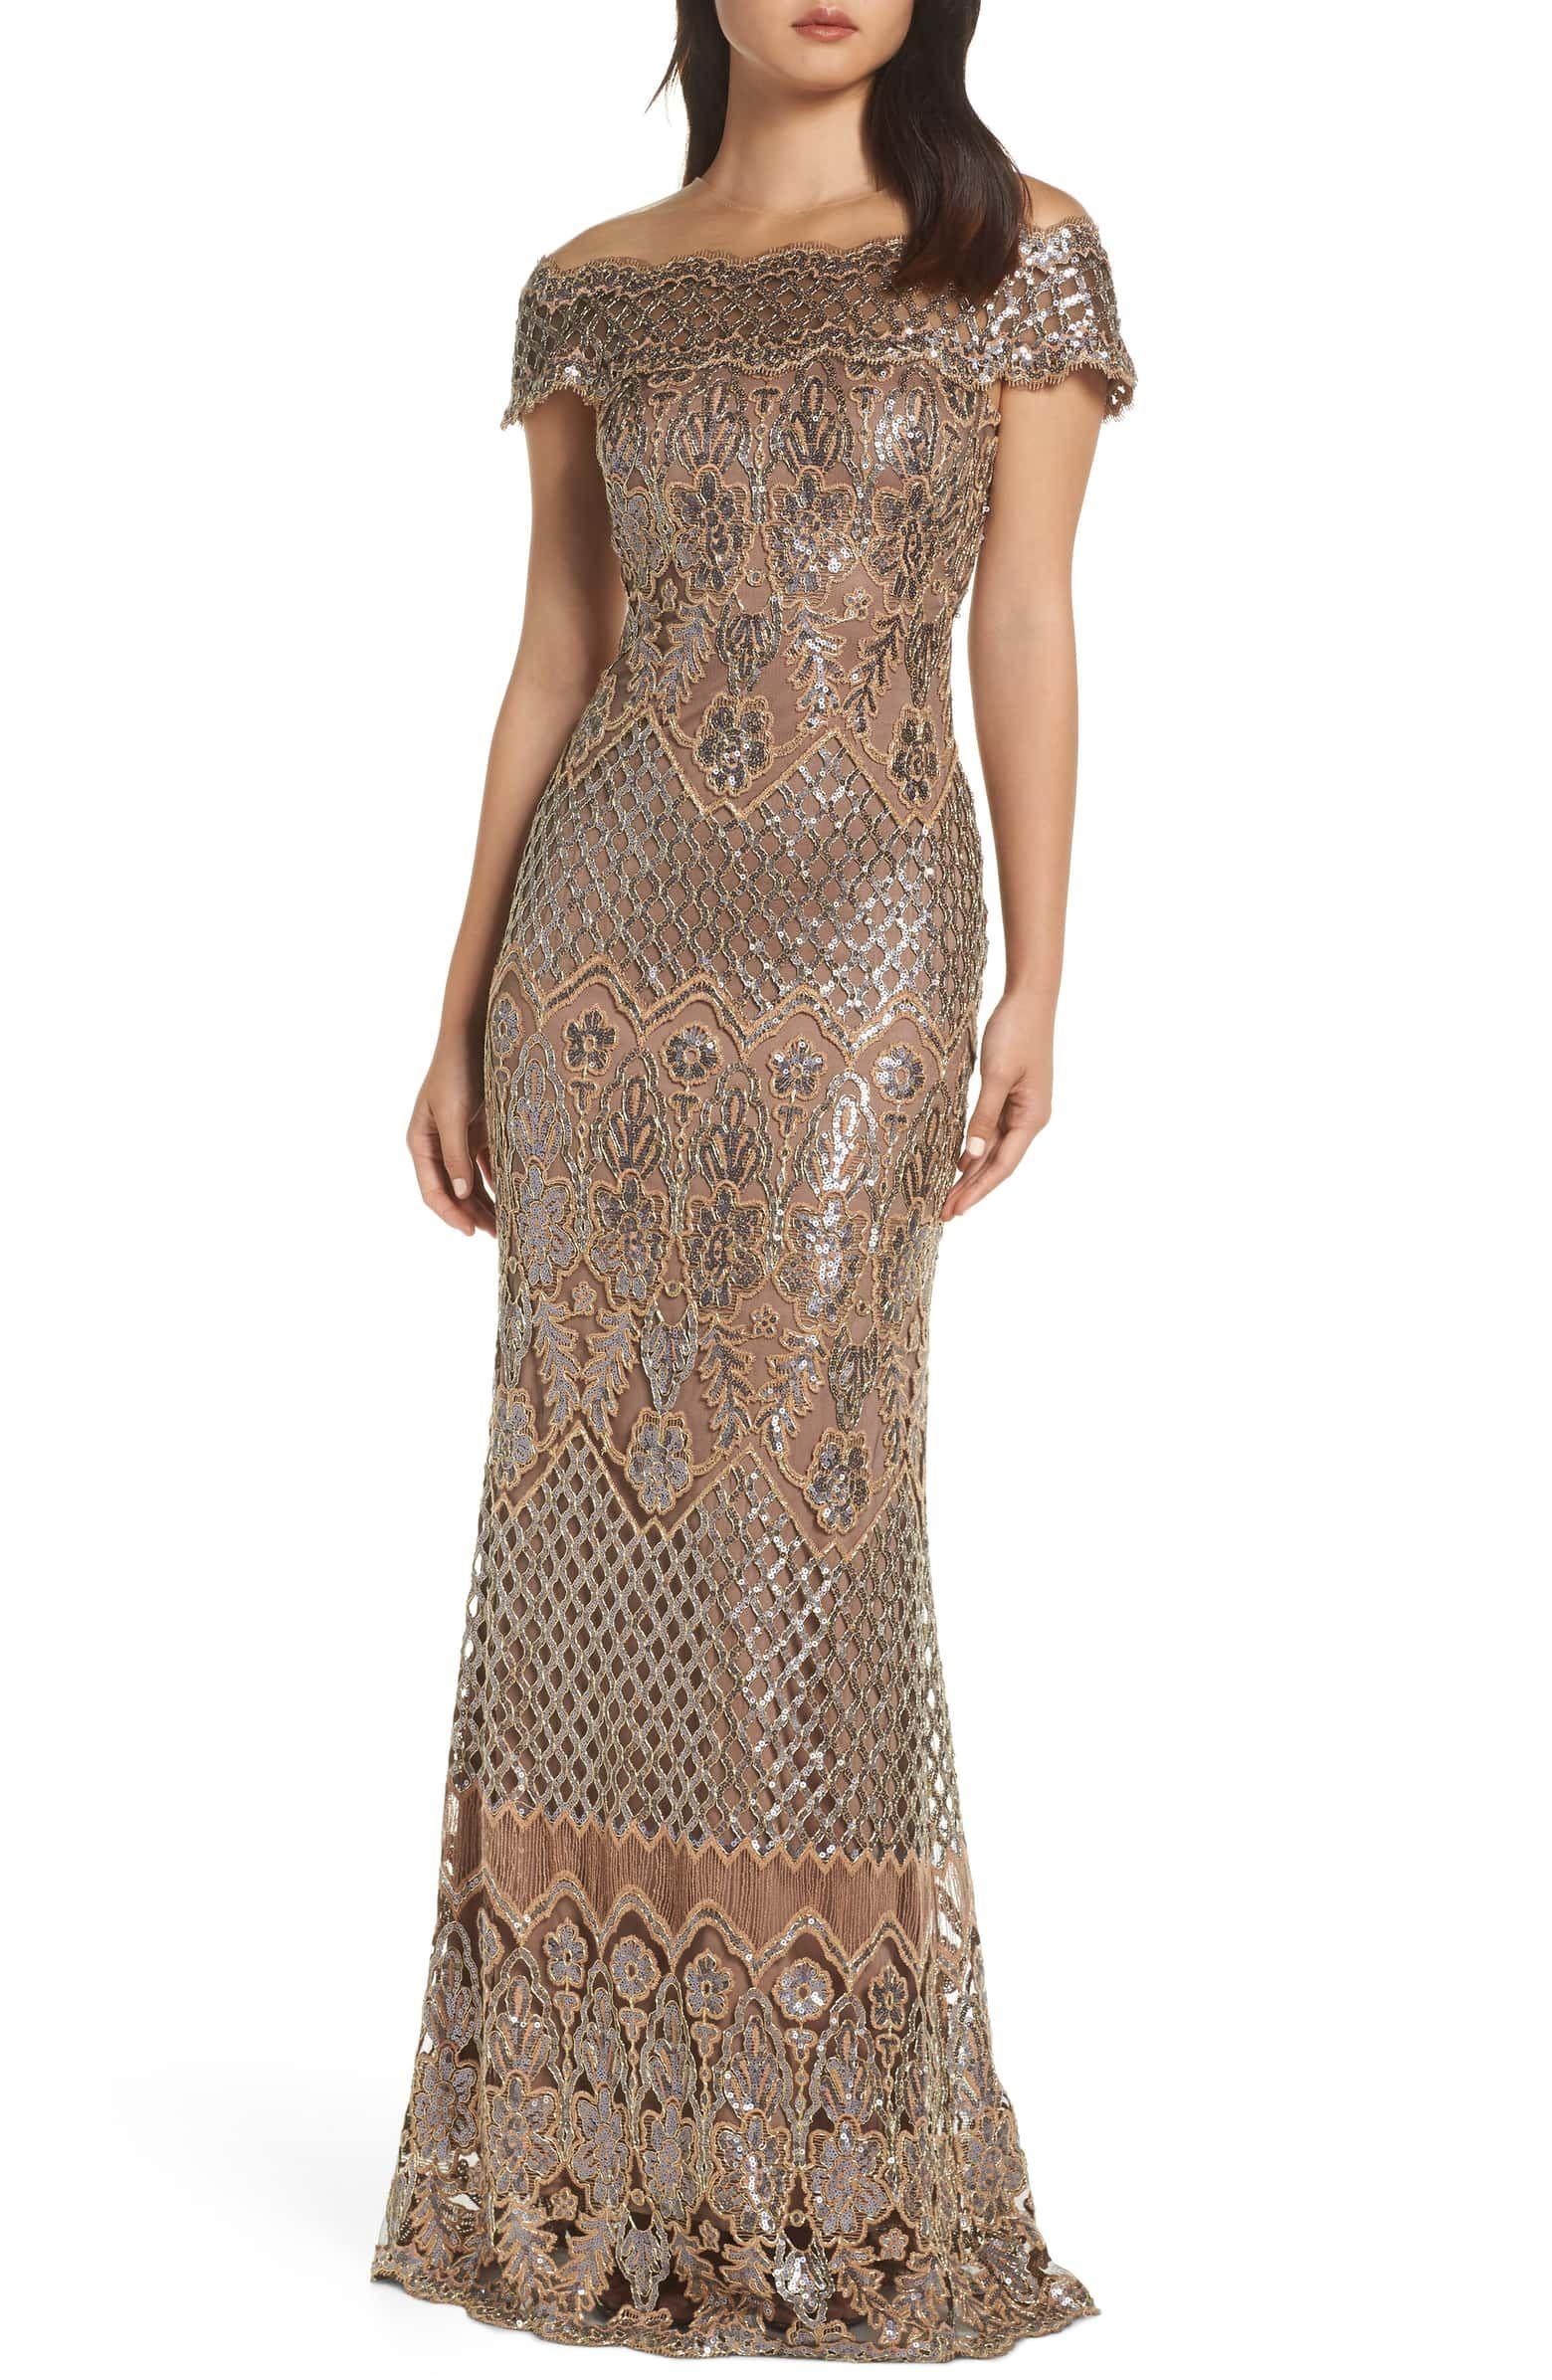 9d0bee5d4b Illusion Neck Sequin Lace Evening Dress, Main, color, COPPER/ ROSE ...